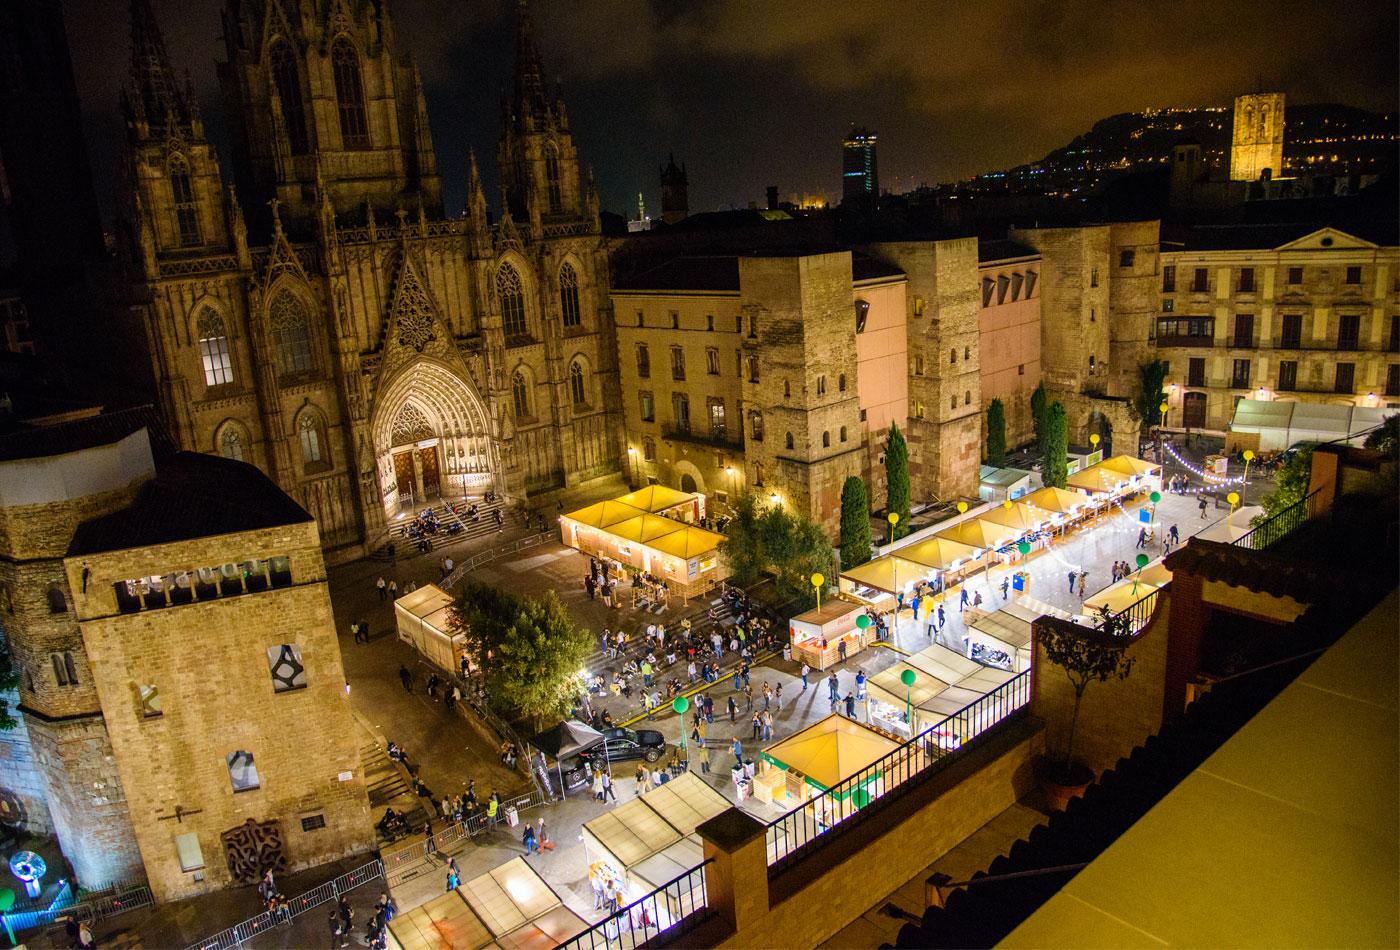 catedral-mercat-de-mercats-catedral-barcelona-2016